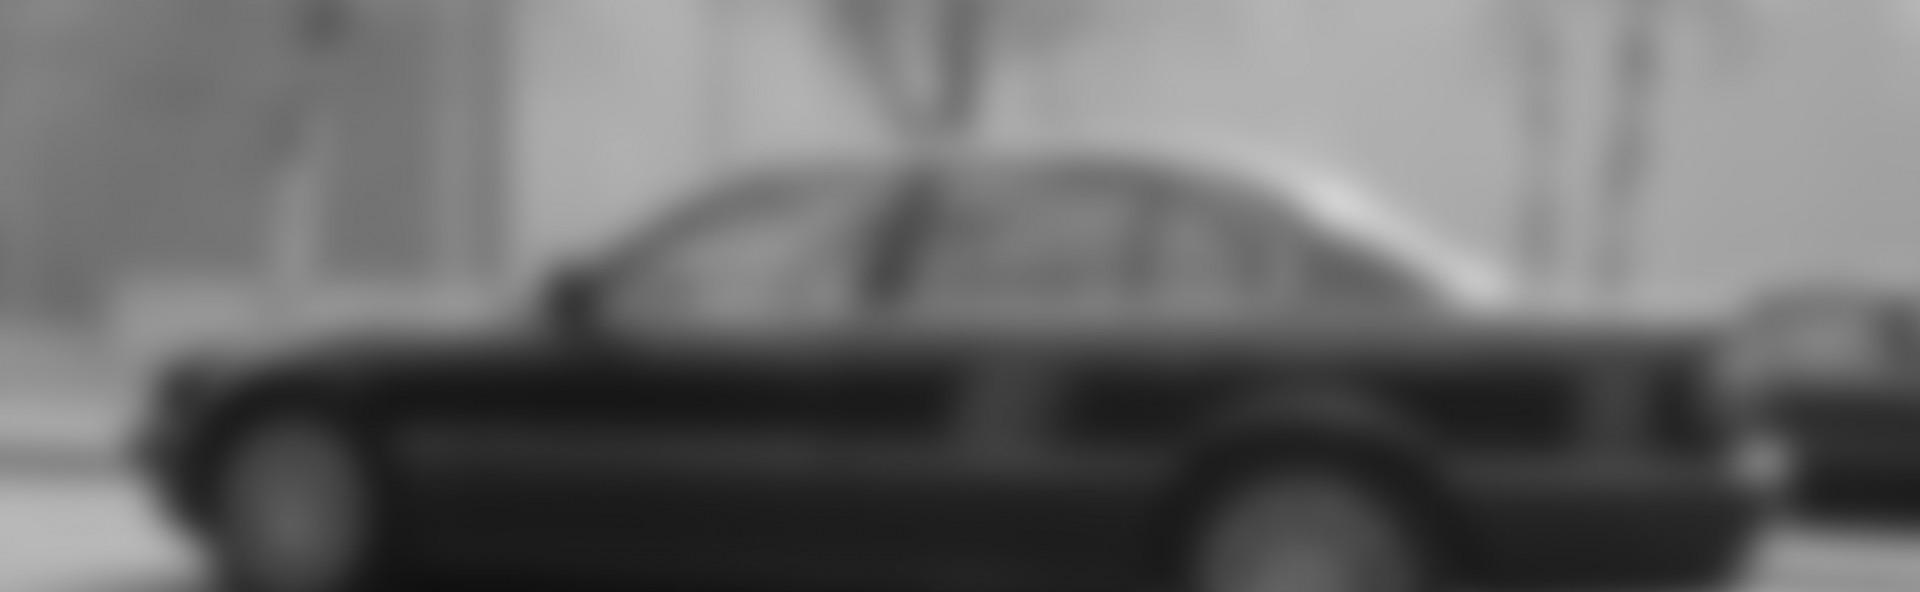 Autod-019_blur